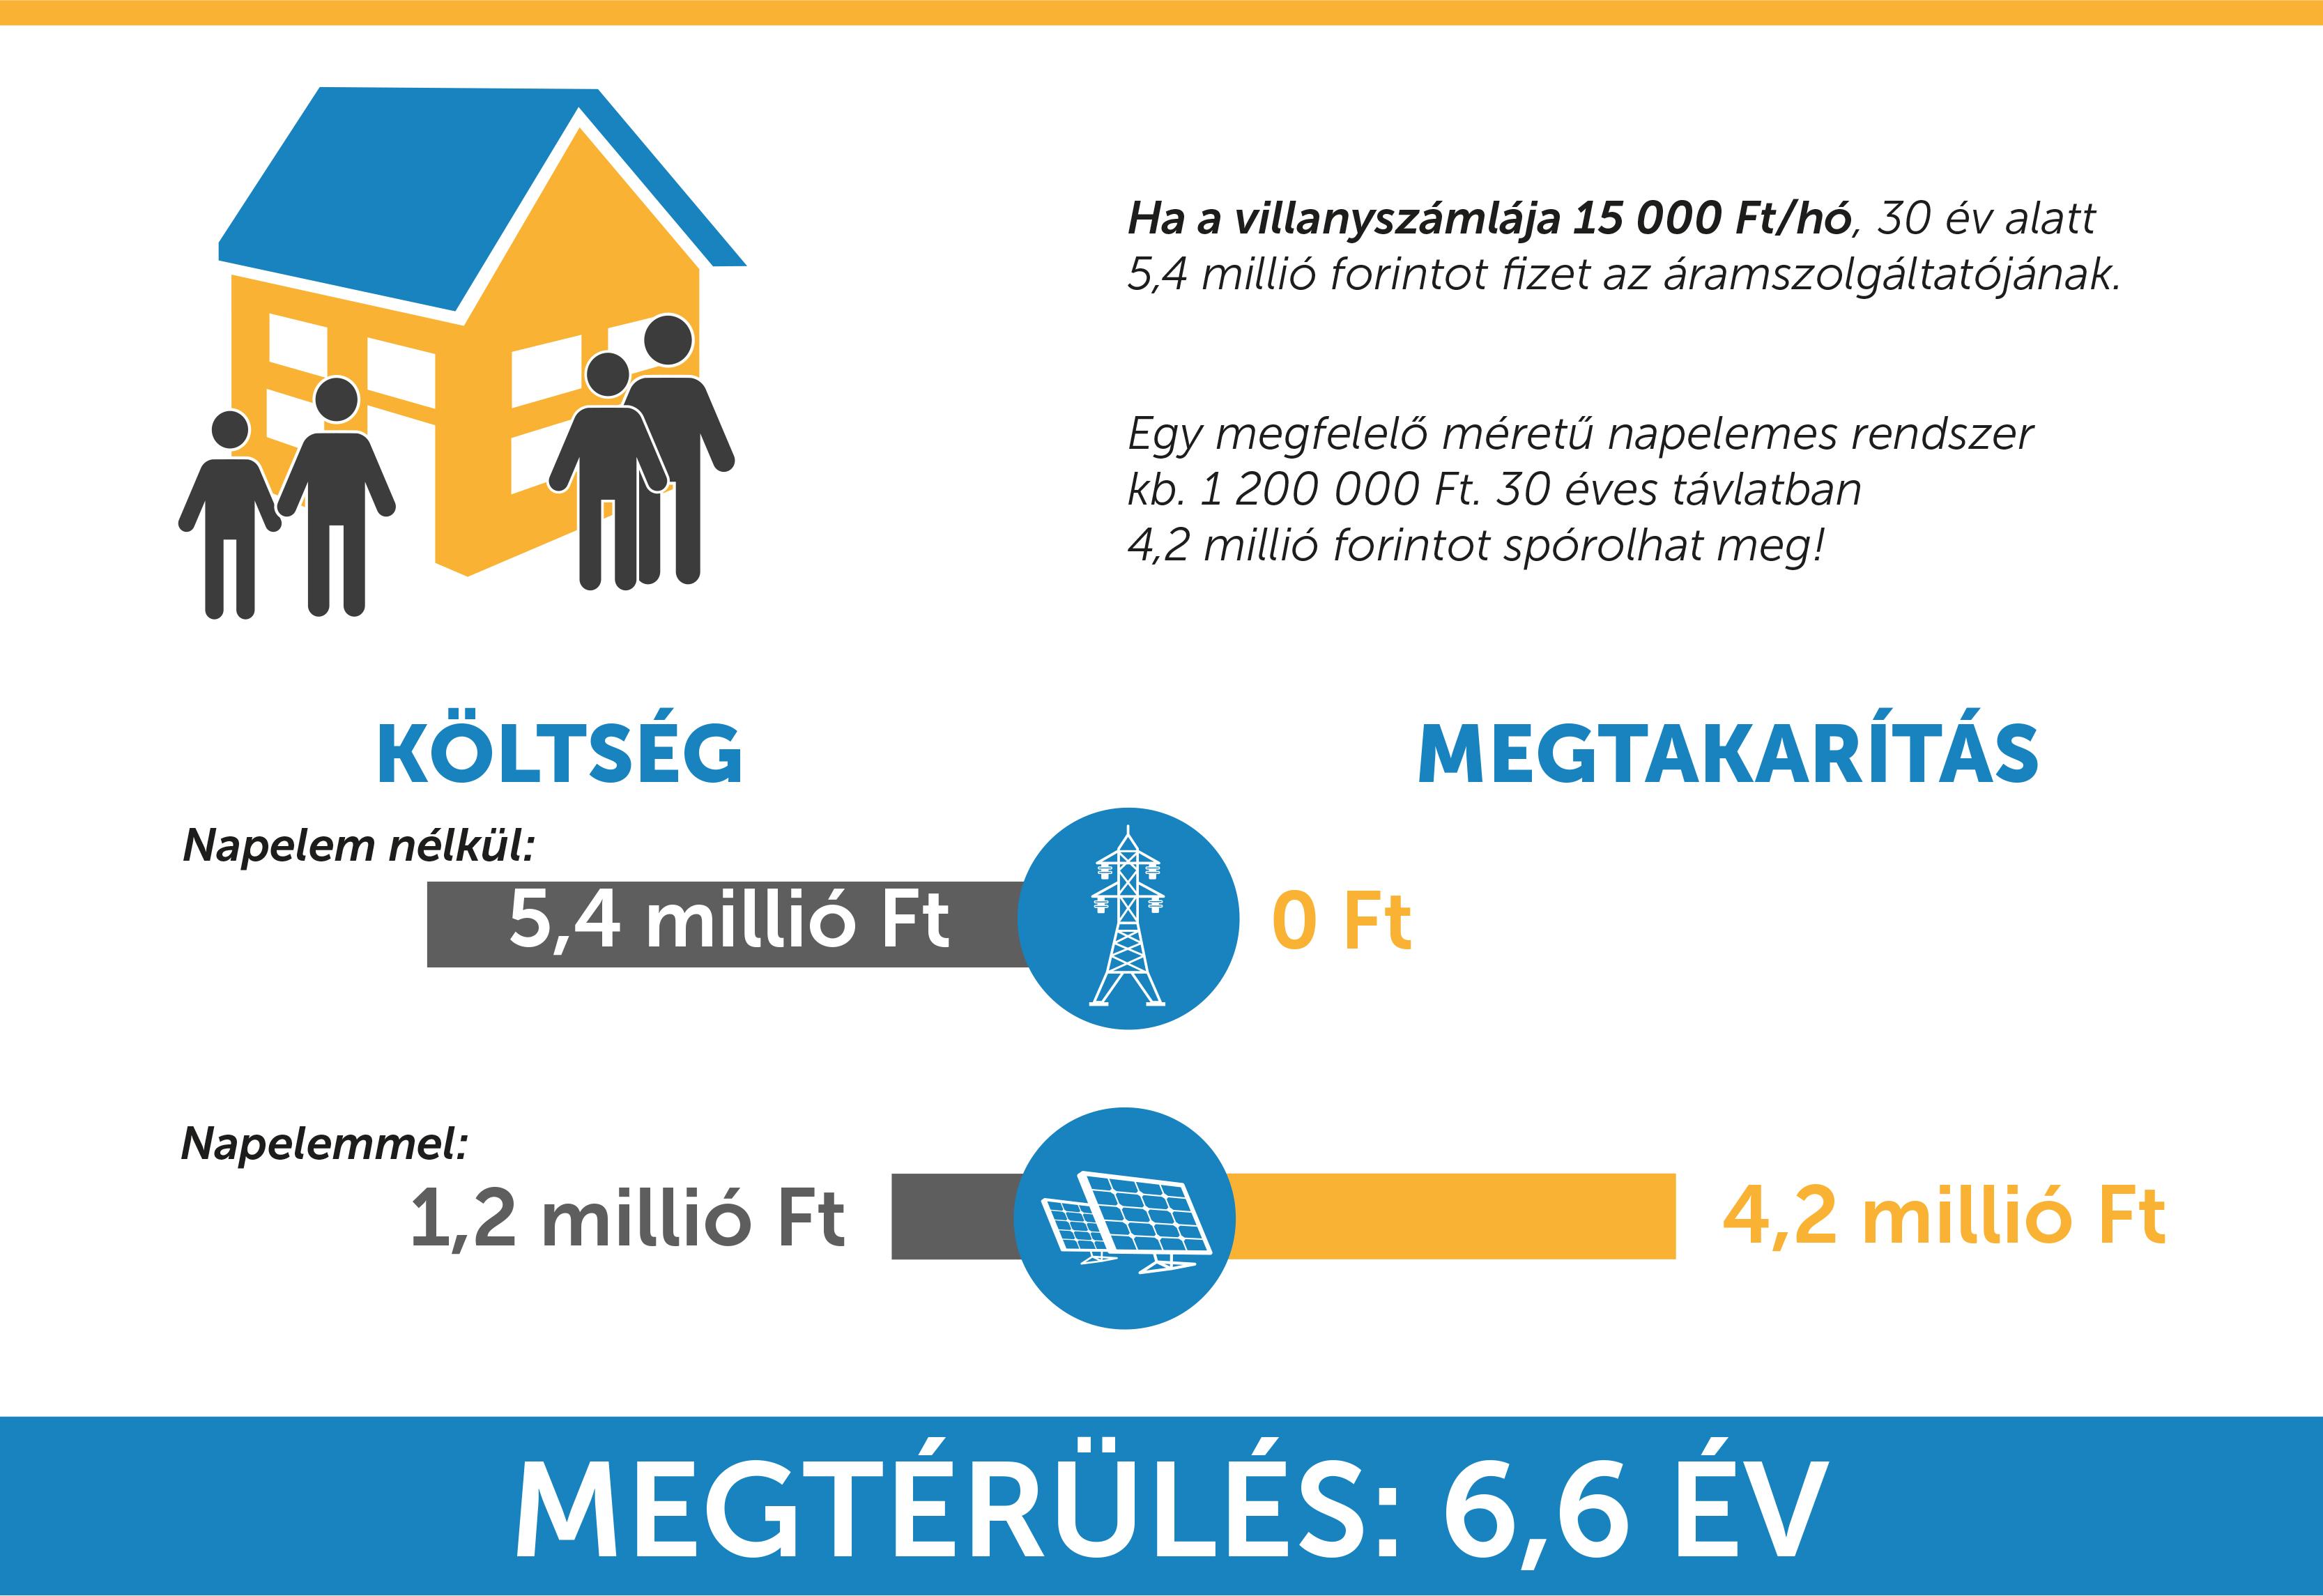 energiafuggetlenseg_infografika_4_2.jpg